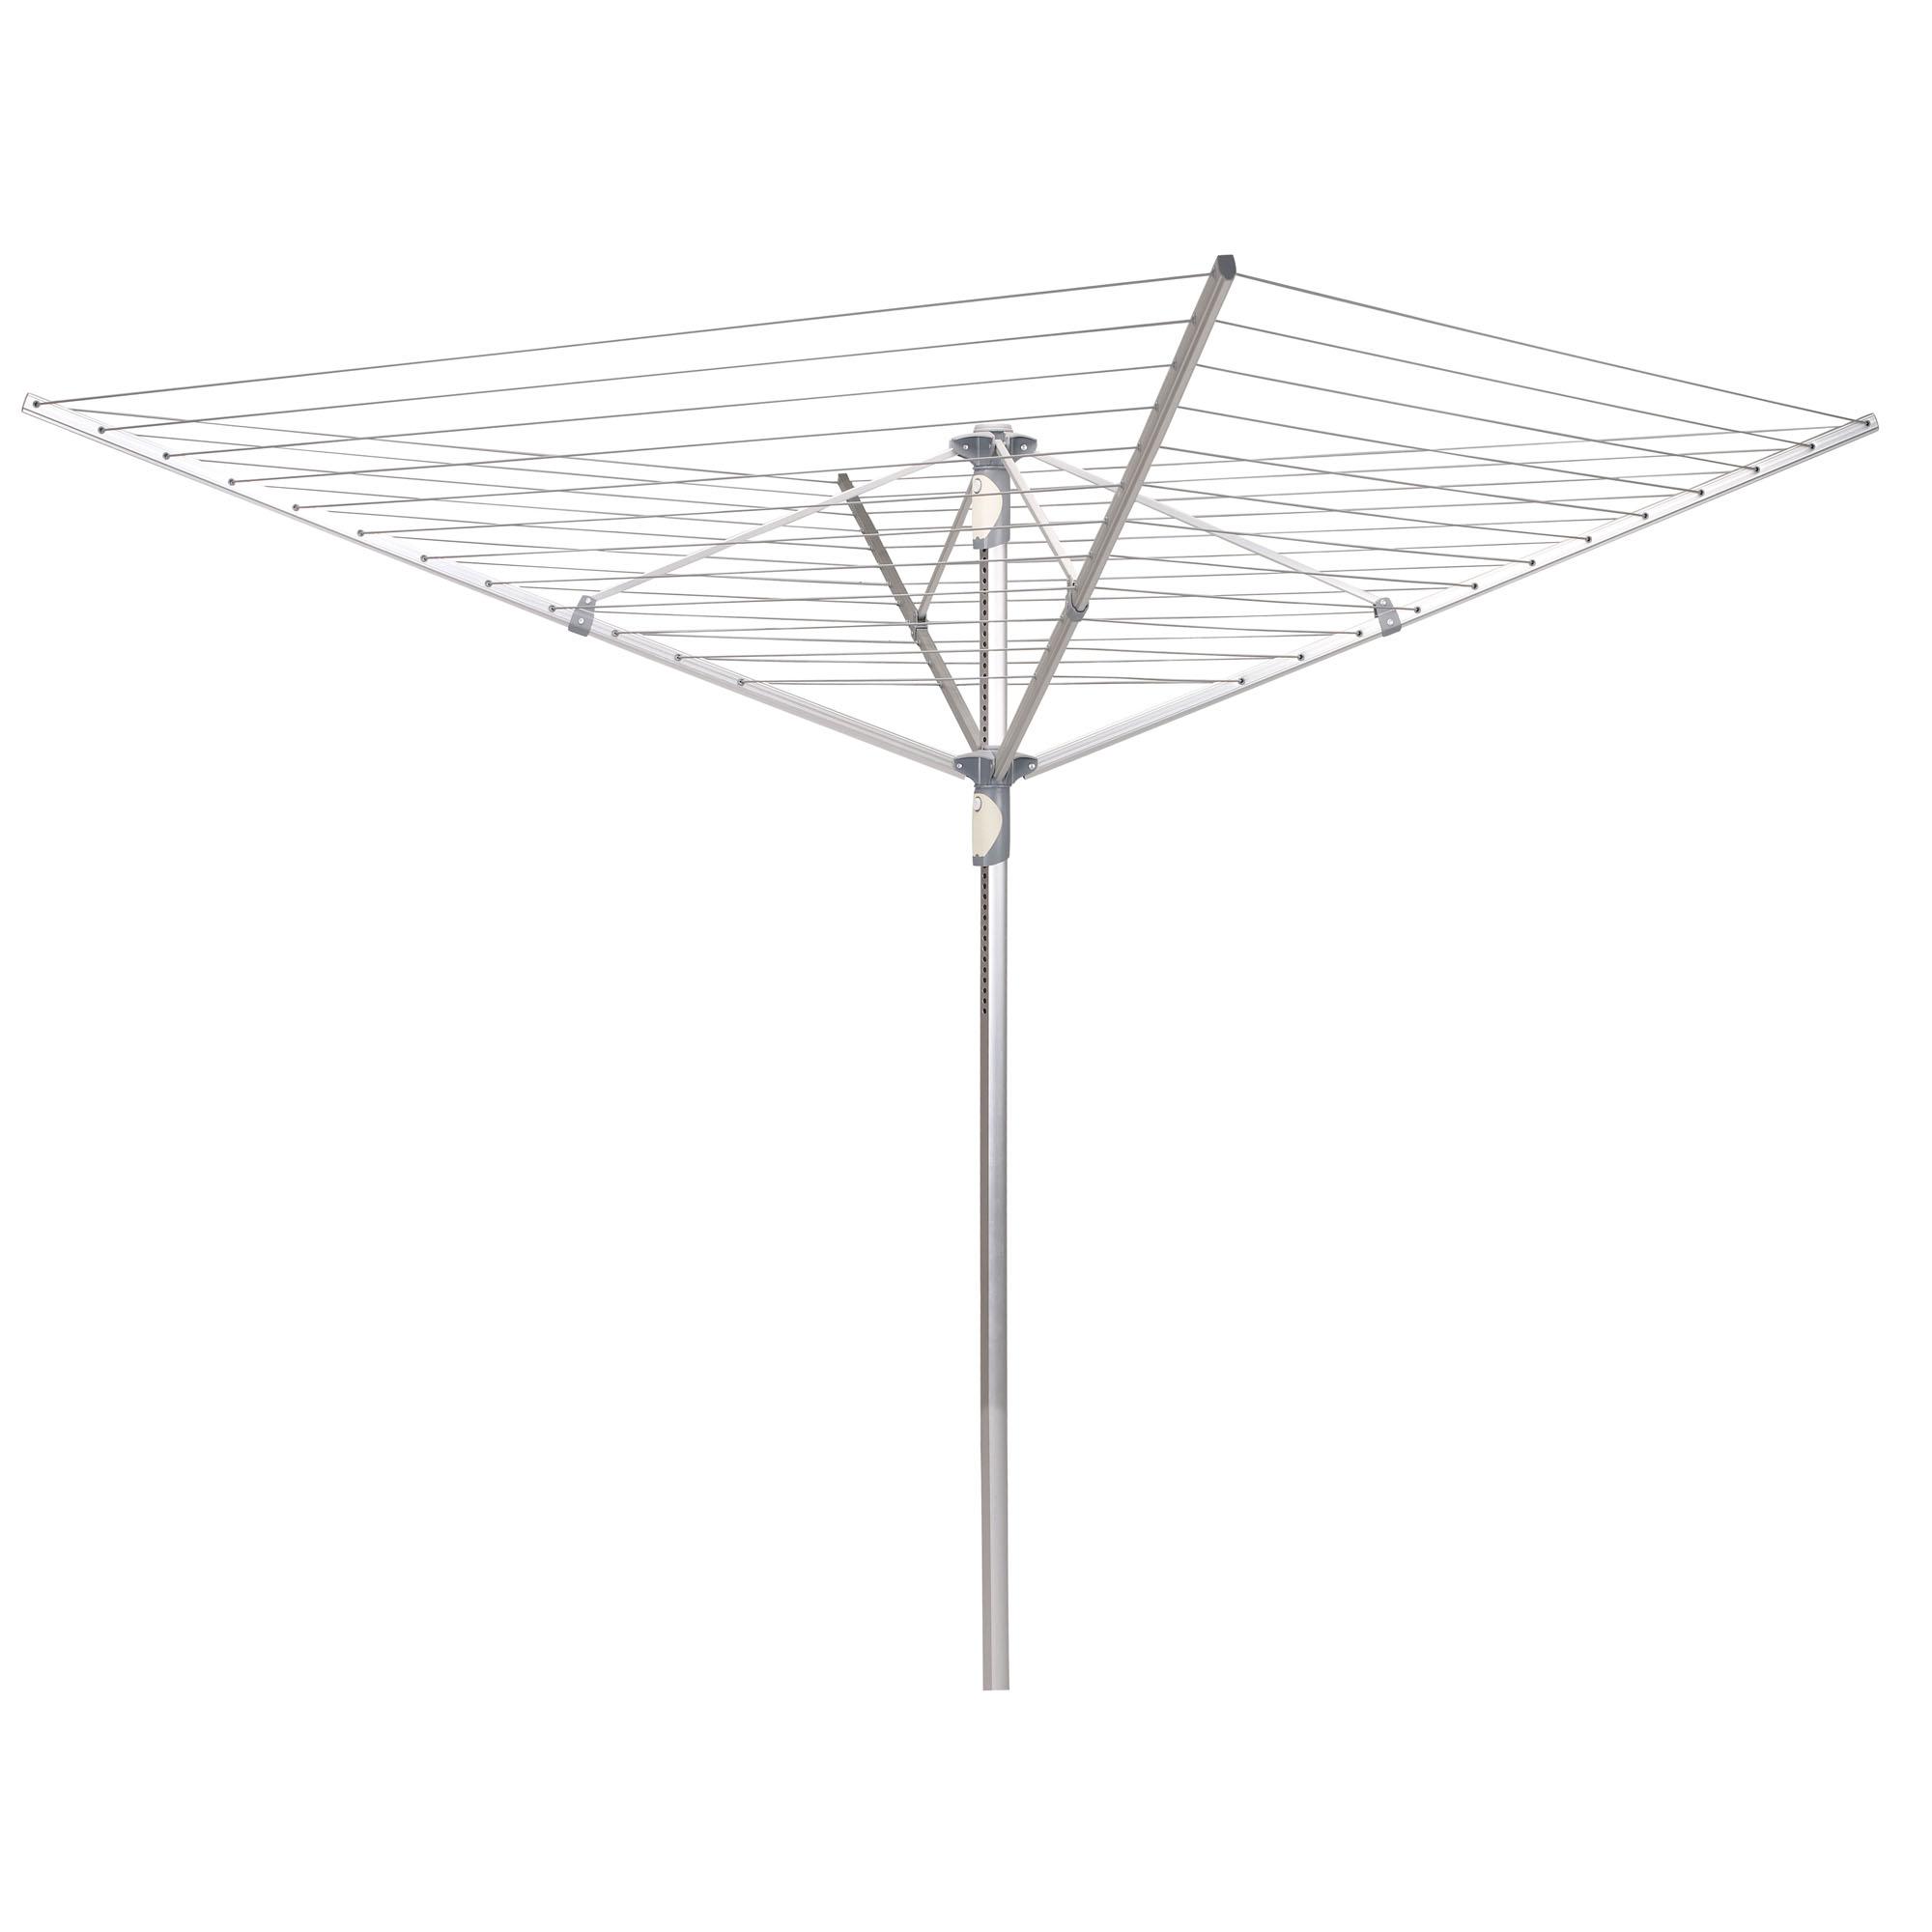 Outdoor Umbrella Dryer - Aluminum